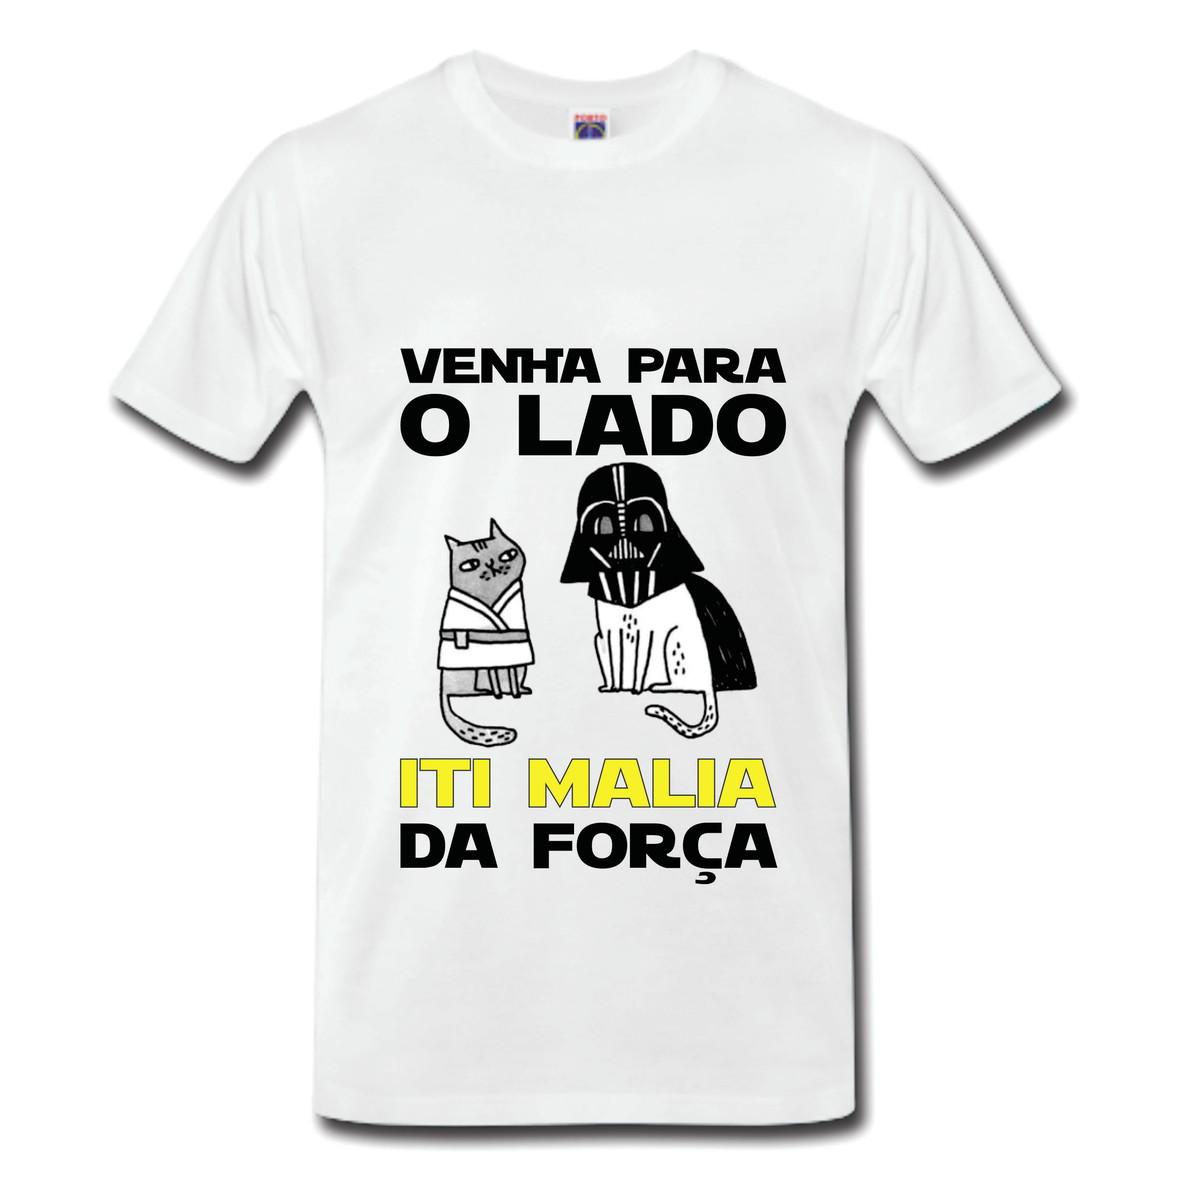 f14c3f947 Camisetas personalizadas com frases - Em poliéster no Elo7